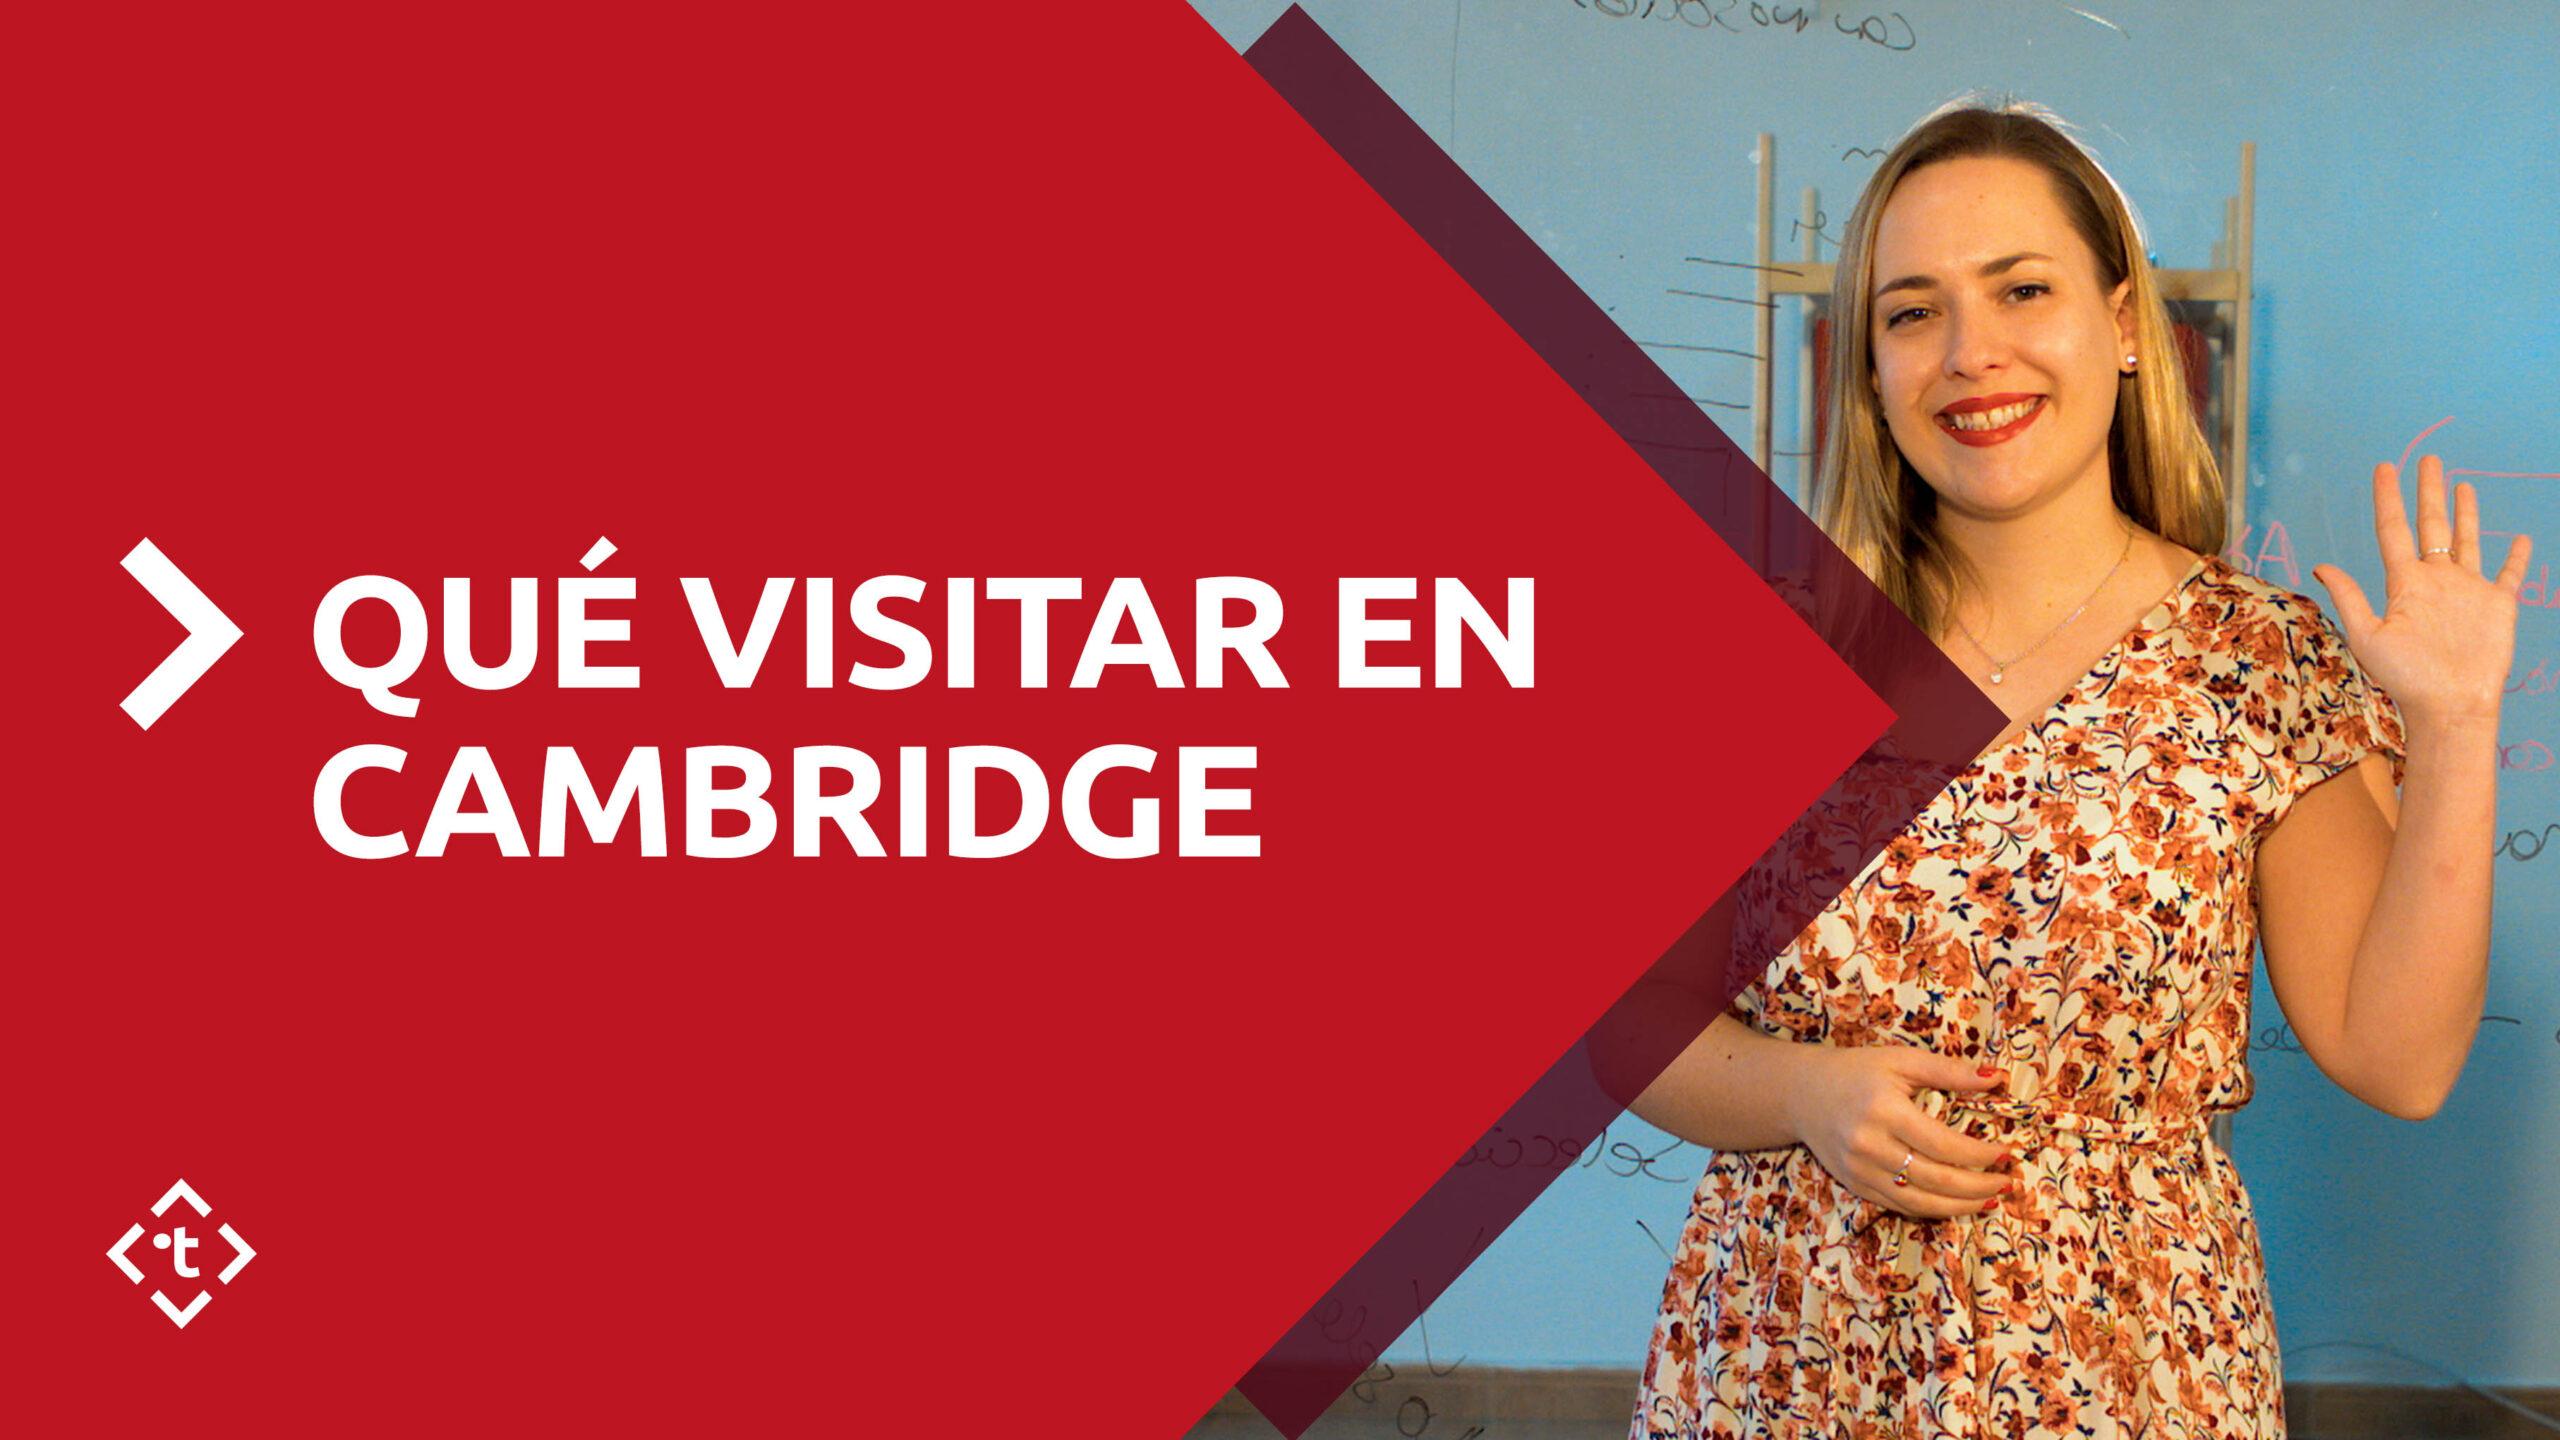 ·QUÉ VISITAR EN CAMBRIDGE